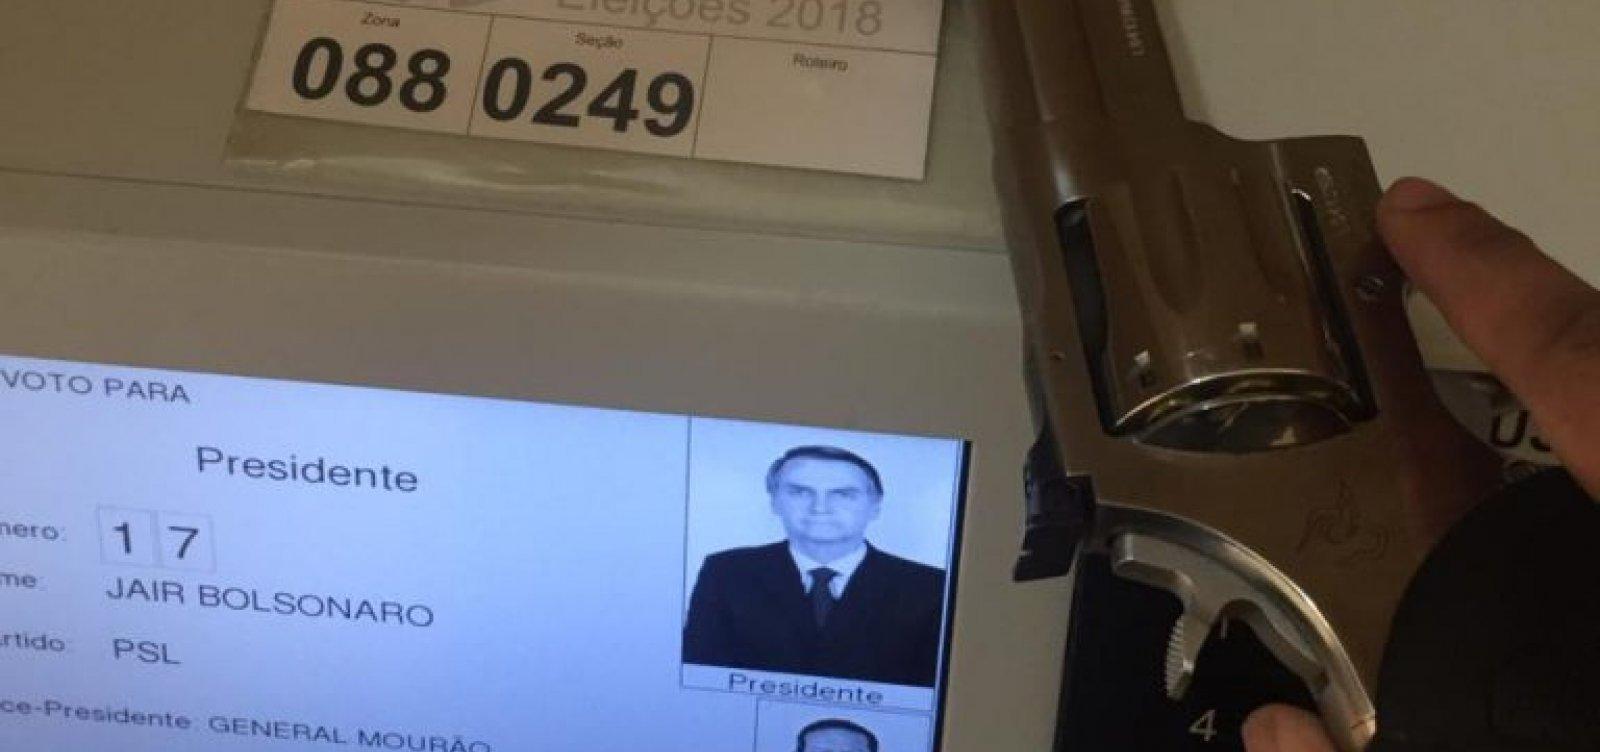 Eleitor que votou com arma é identificado pela Polícia Federal